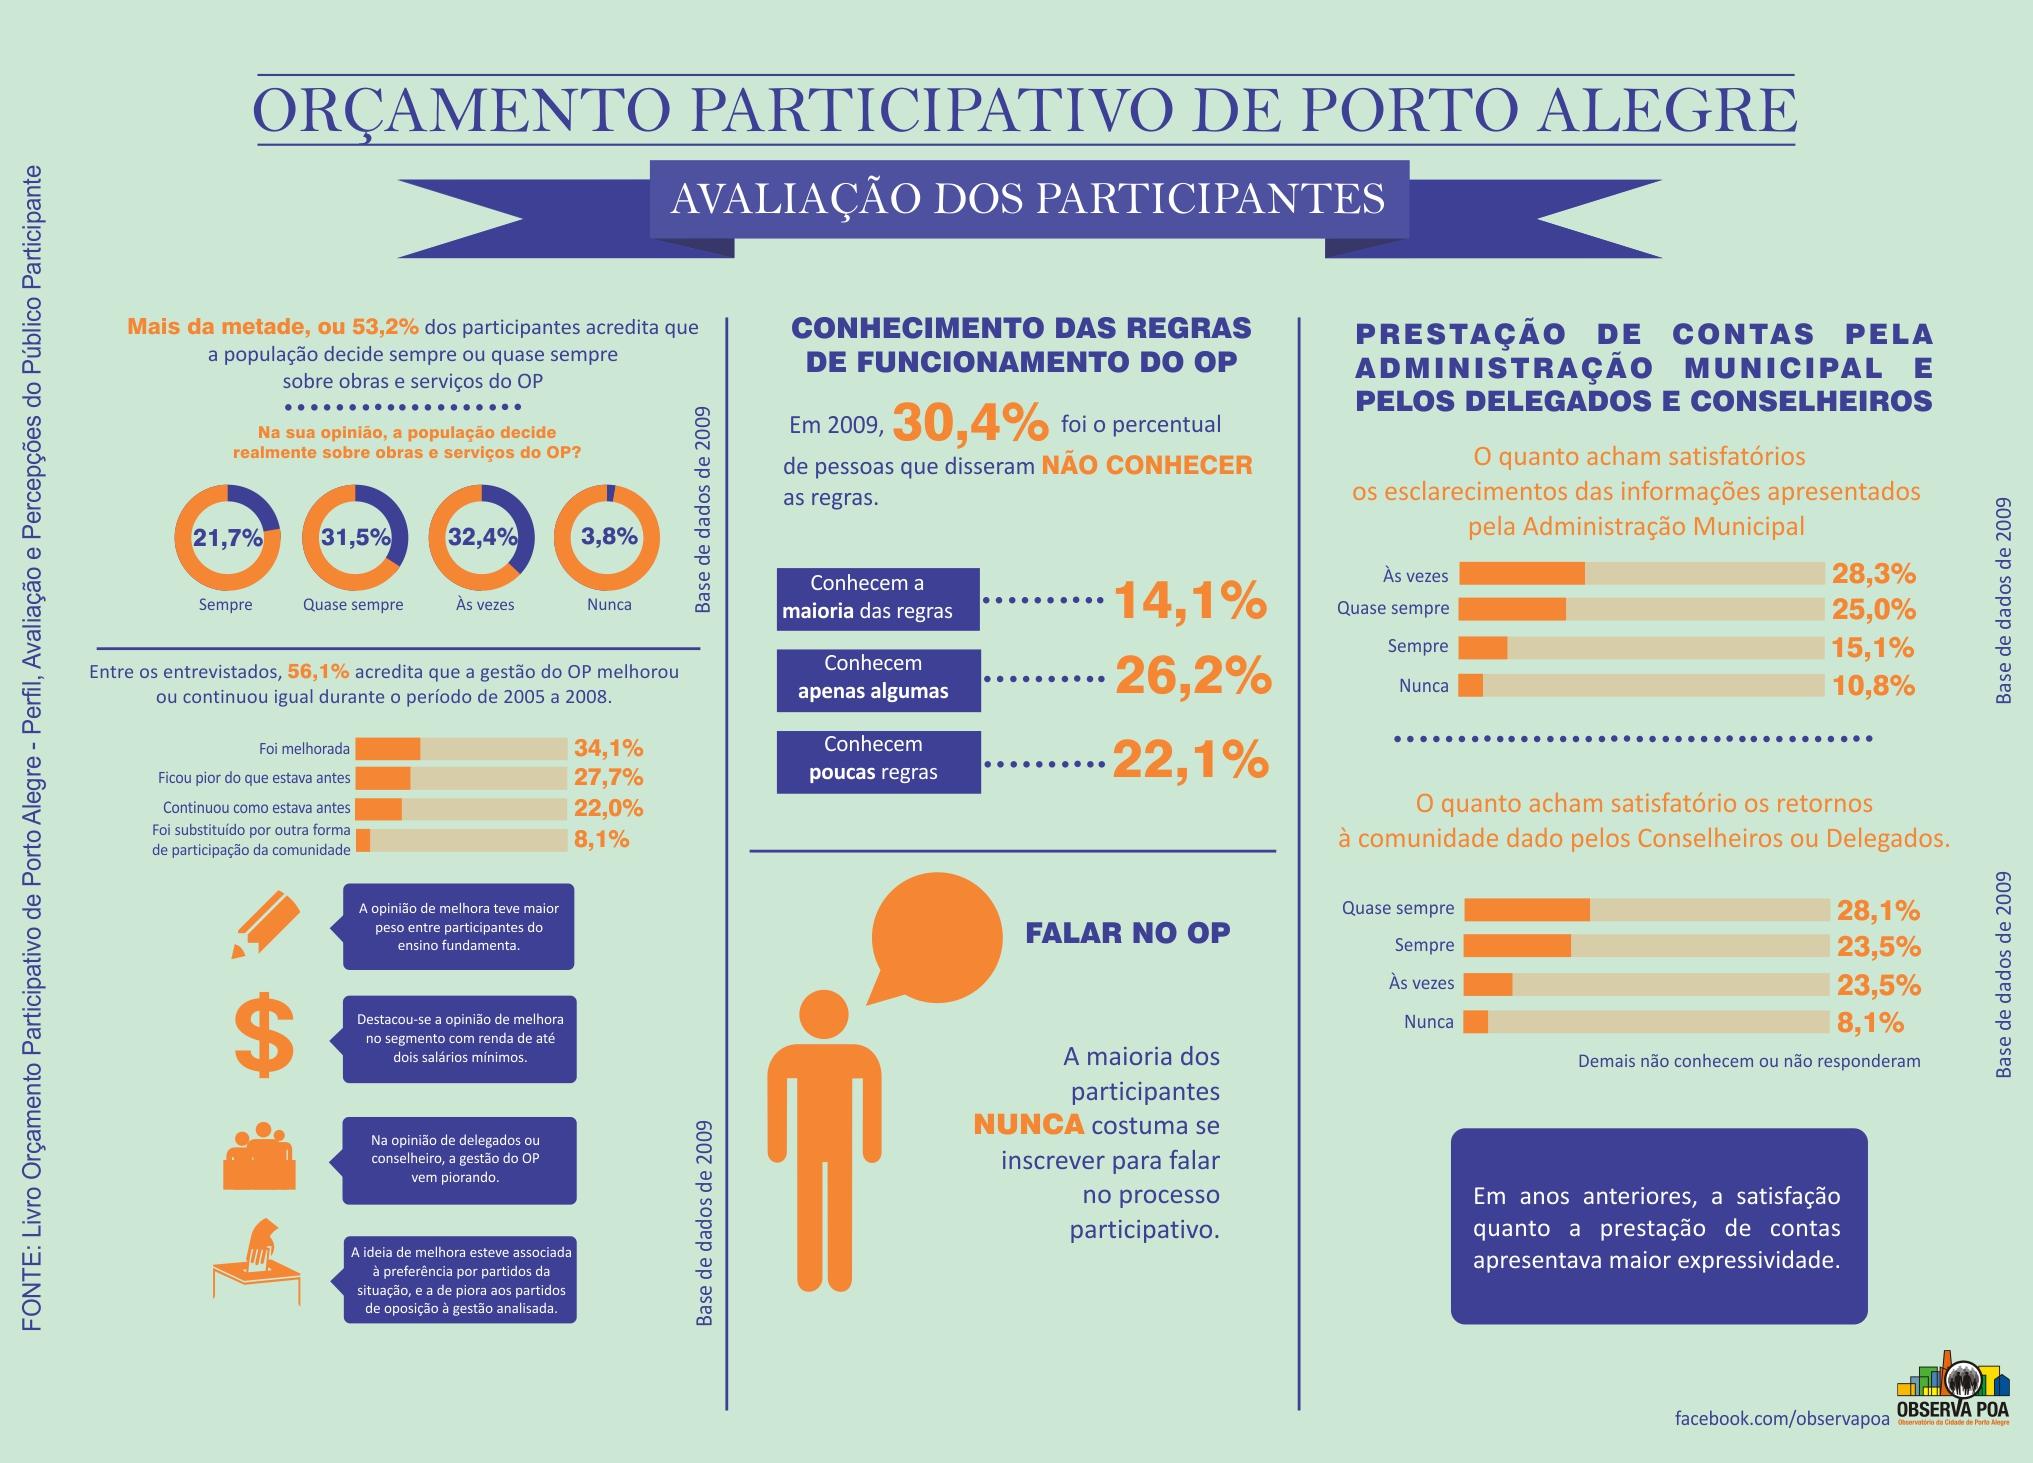 Infográfico sobre os participantes do Orçamento Participativo